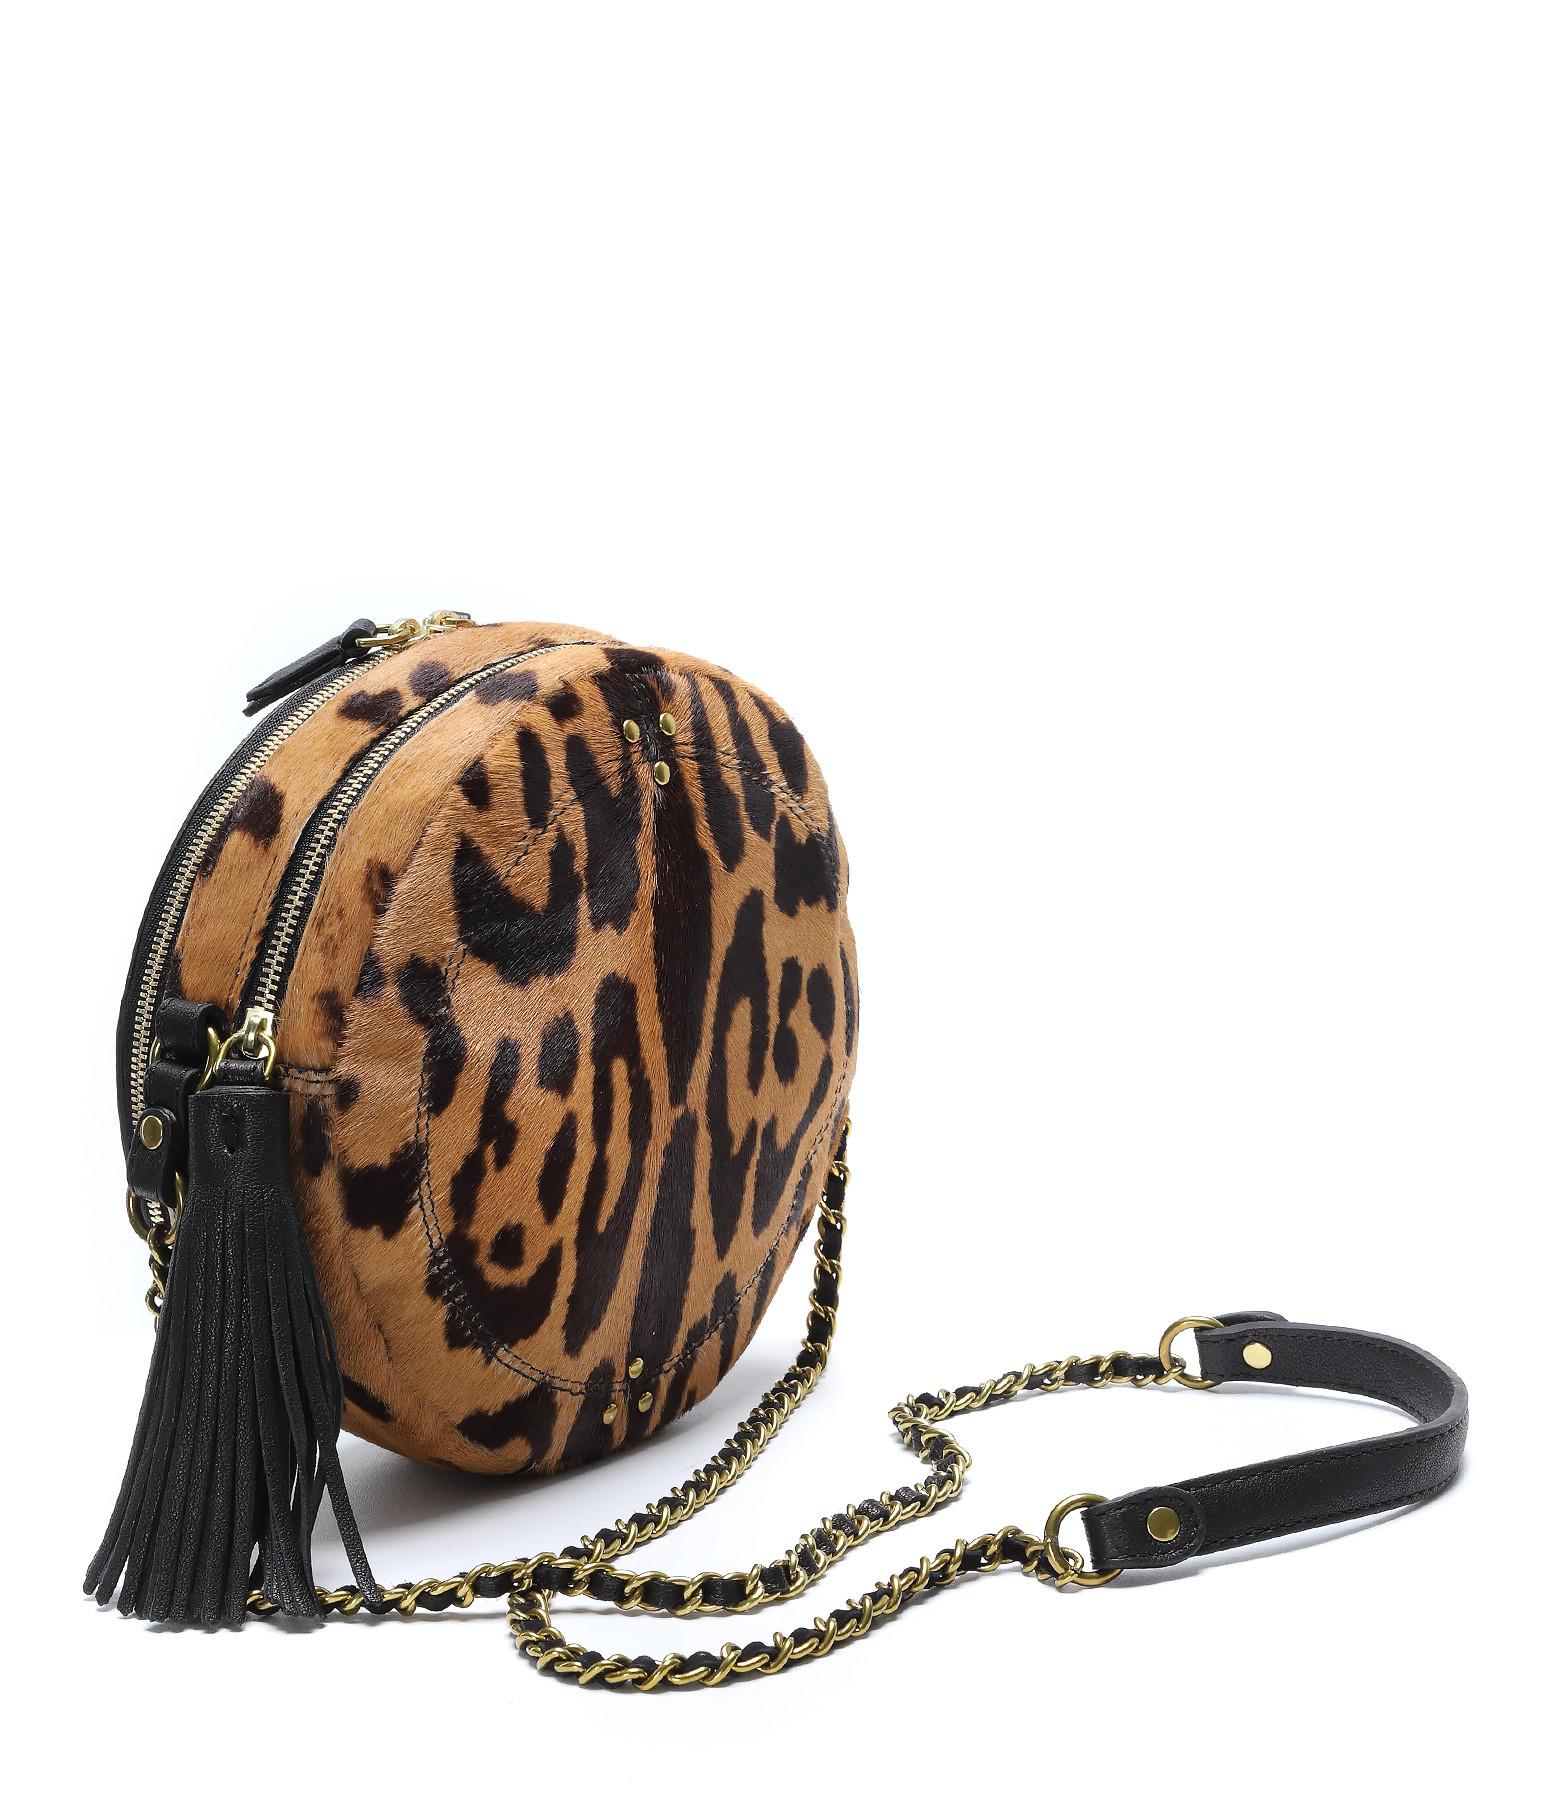 JEROME DREYFUSS - Sac Rémi Veau Agneau Chèvre Leopard Classique